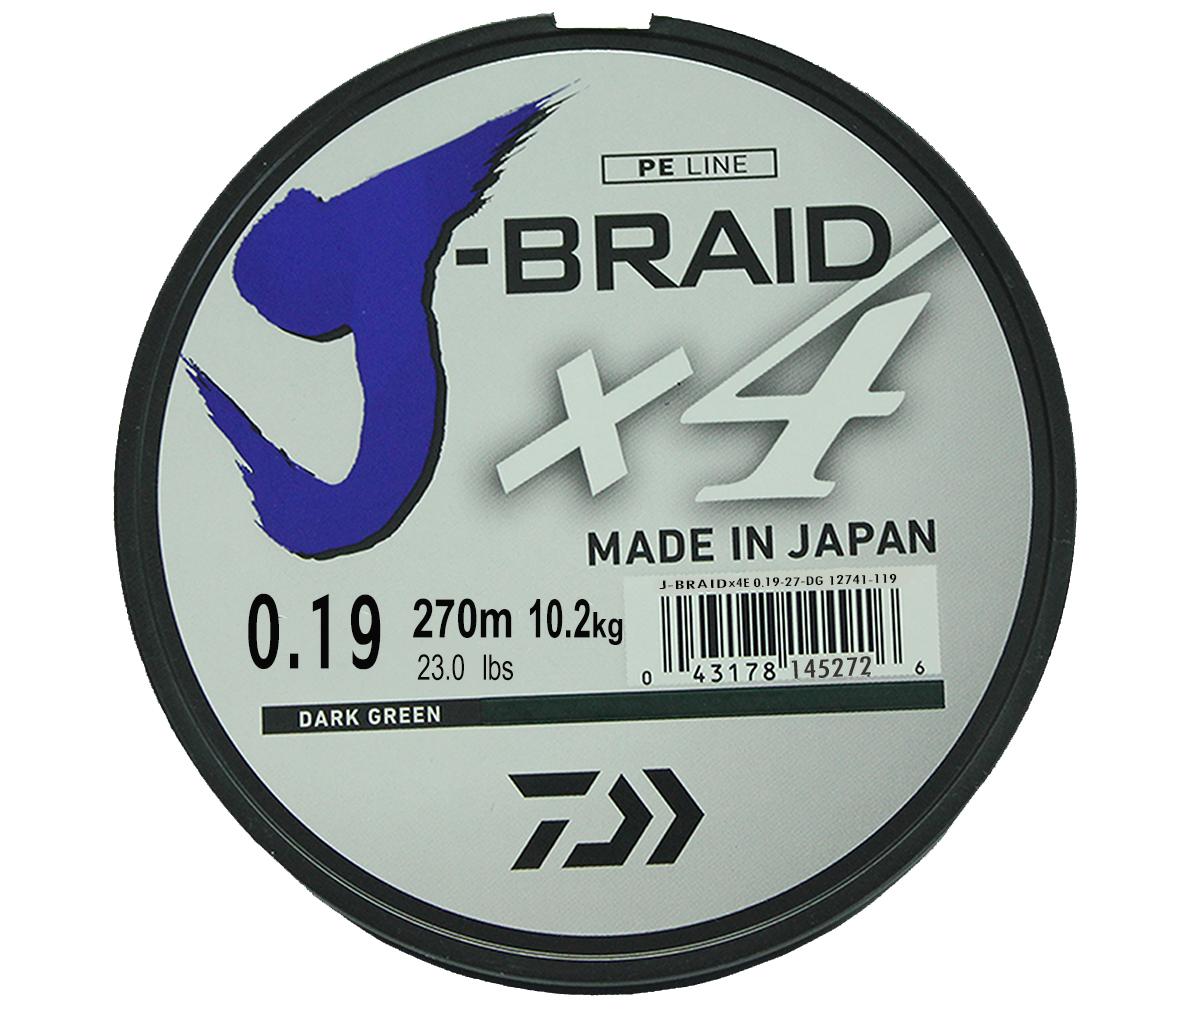 Шнур плетеный Daiwa J-Braid X4, цвет: зеленый, 270 м, 0,19 мм61173Новый 4х жильный шнур J-Braid, DAIWA - шнур высокого класса с удивительным соотношением цены и качества. Качество плетения полностью соответствует японским стандартам и удовлетворяет всем требованиям. Представленные диаметры позволяют использовать шнур для всех техник ловли, начиная от ultra- light ловли окуня, до морской ловли палтуса, трески и т.д